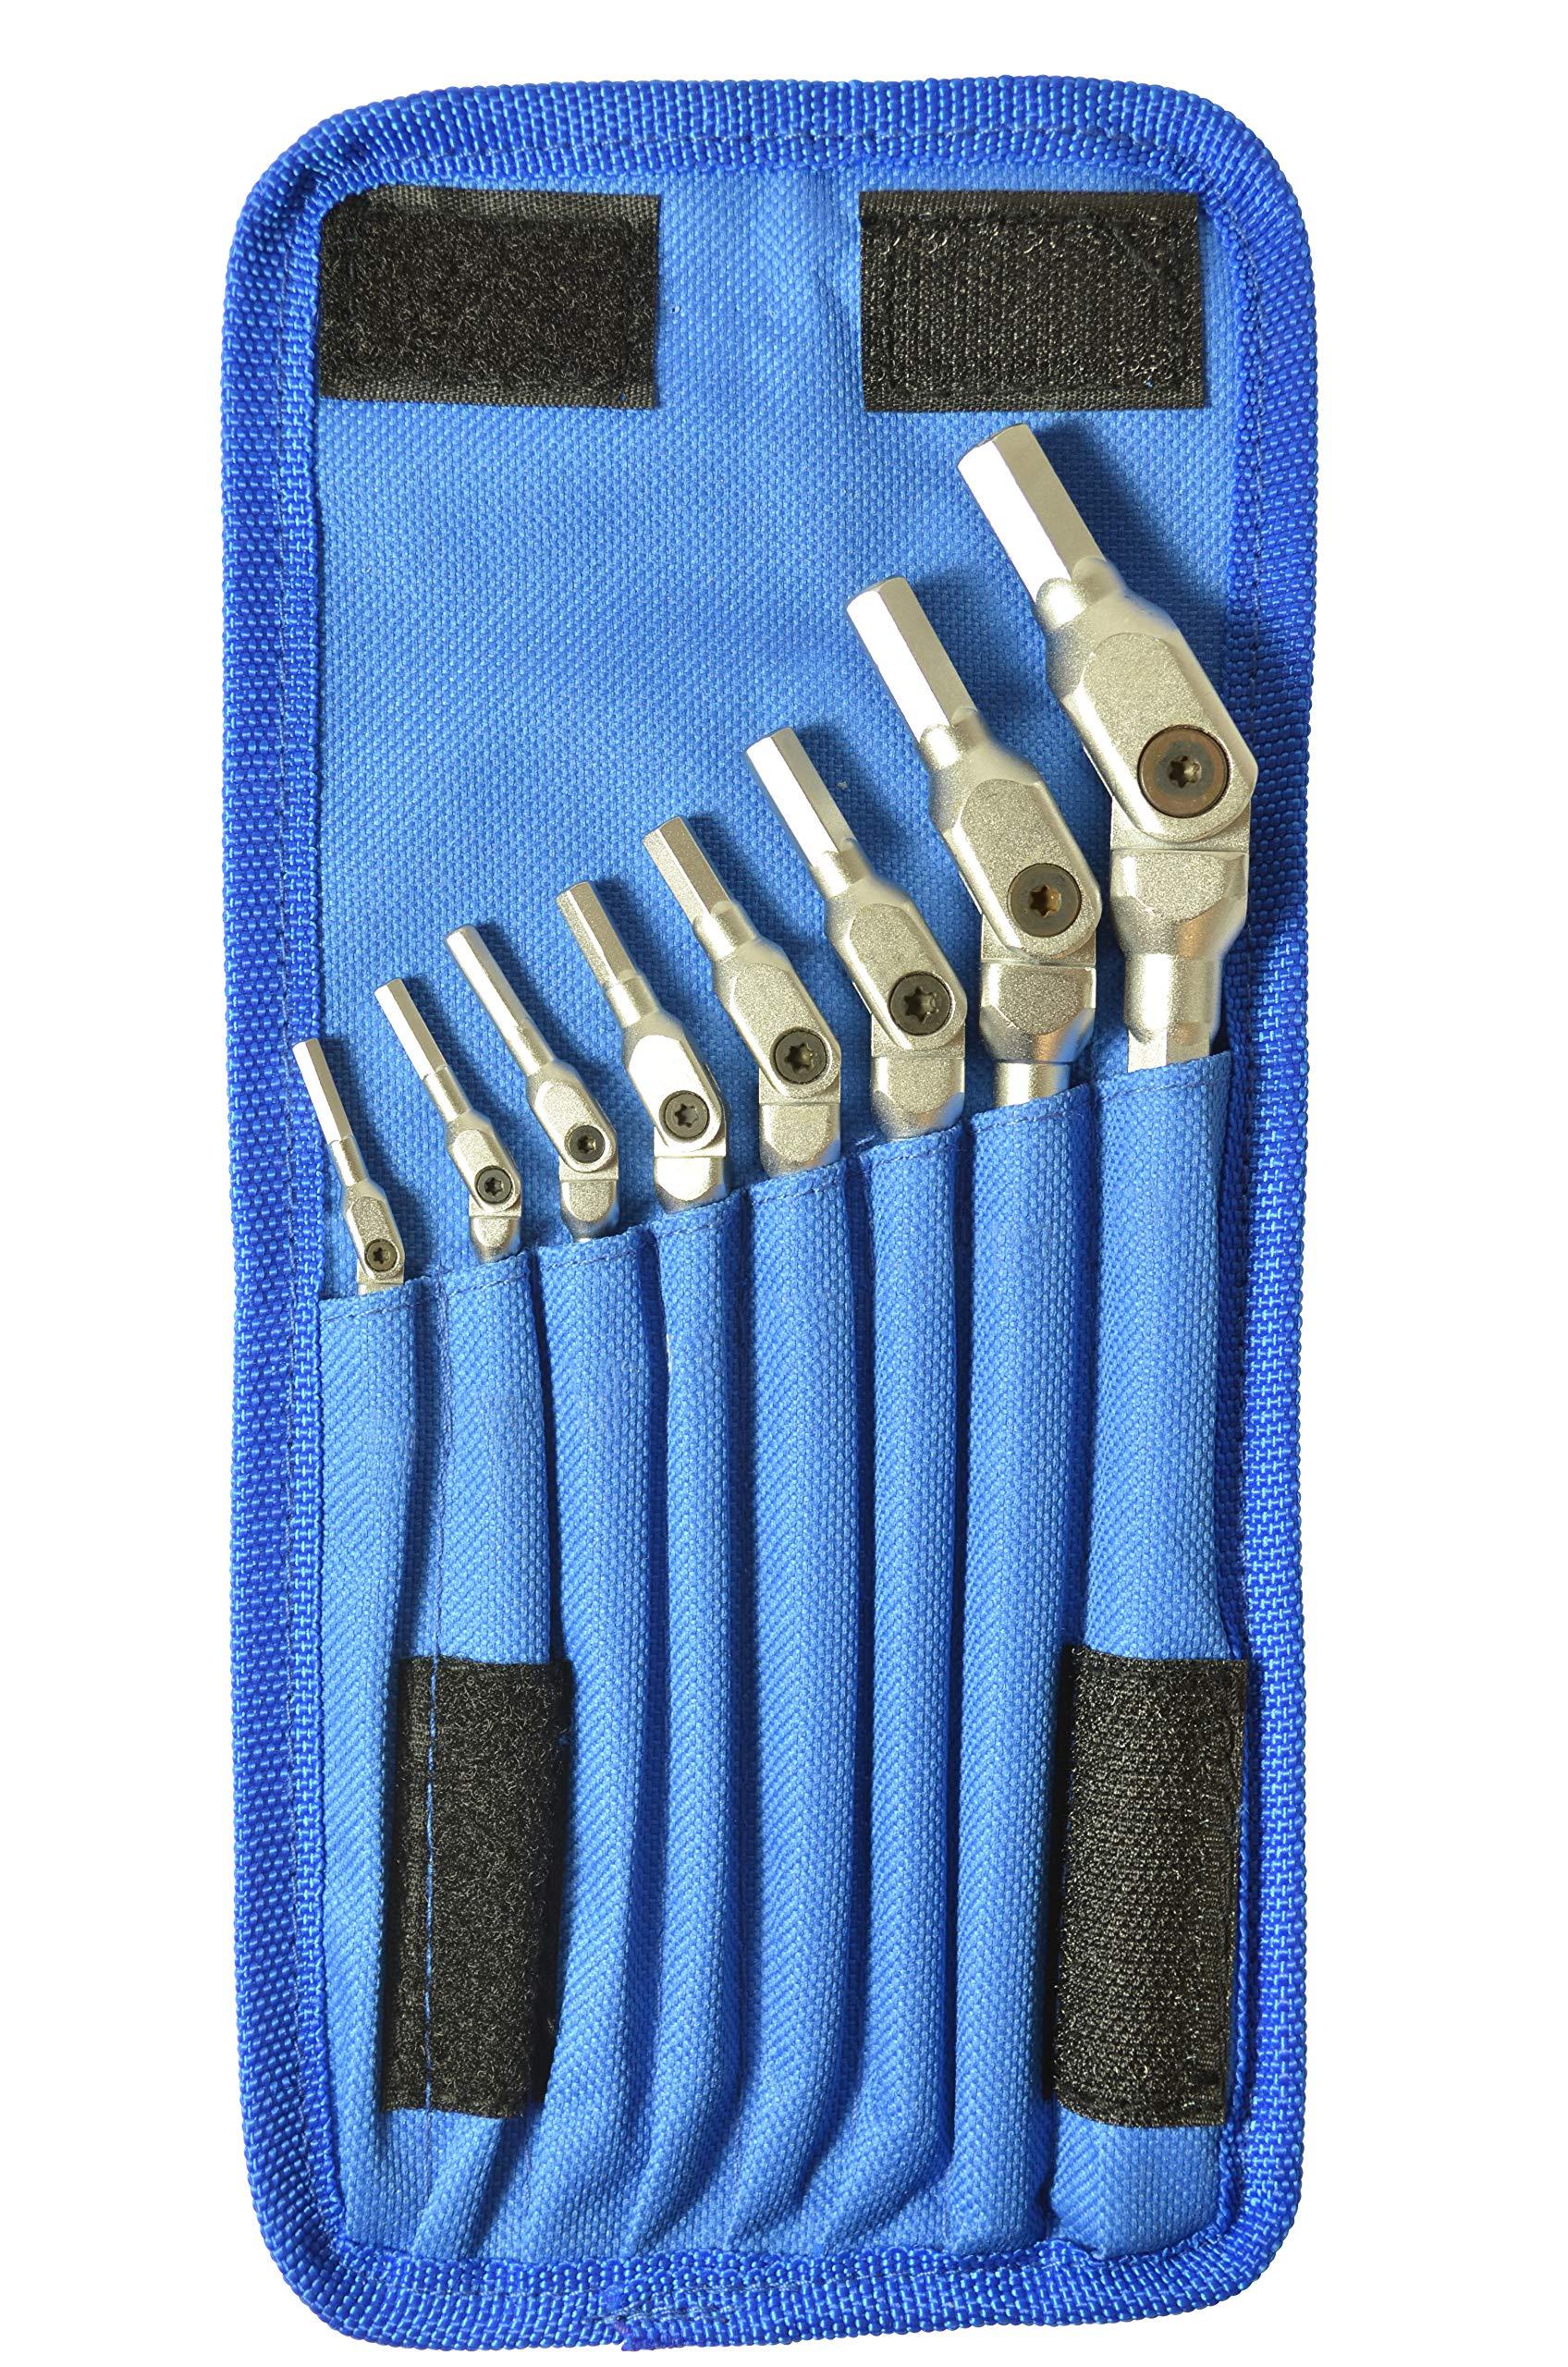 Bondhus 00017 HEX-PRO Pivot Head Wrench Set, Includes Sizes: 1/8, 9/64, 5/32, 3/16, 7/32, 1/4, 5/16 & 3/8'' (8 Piece), Chrome by Bondhus